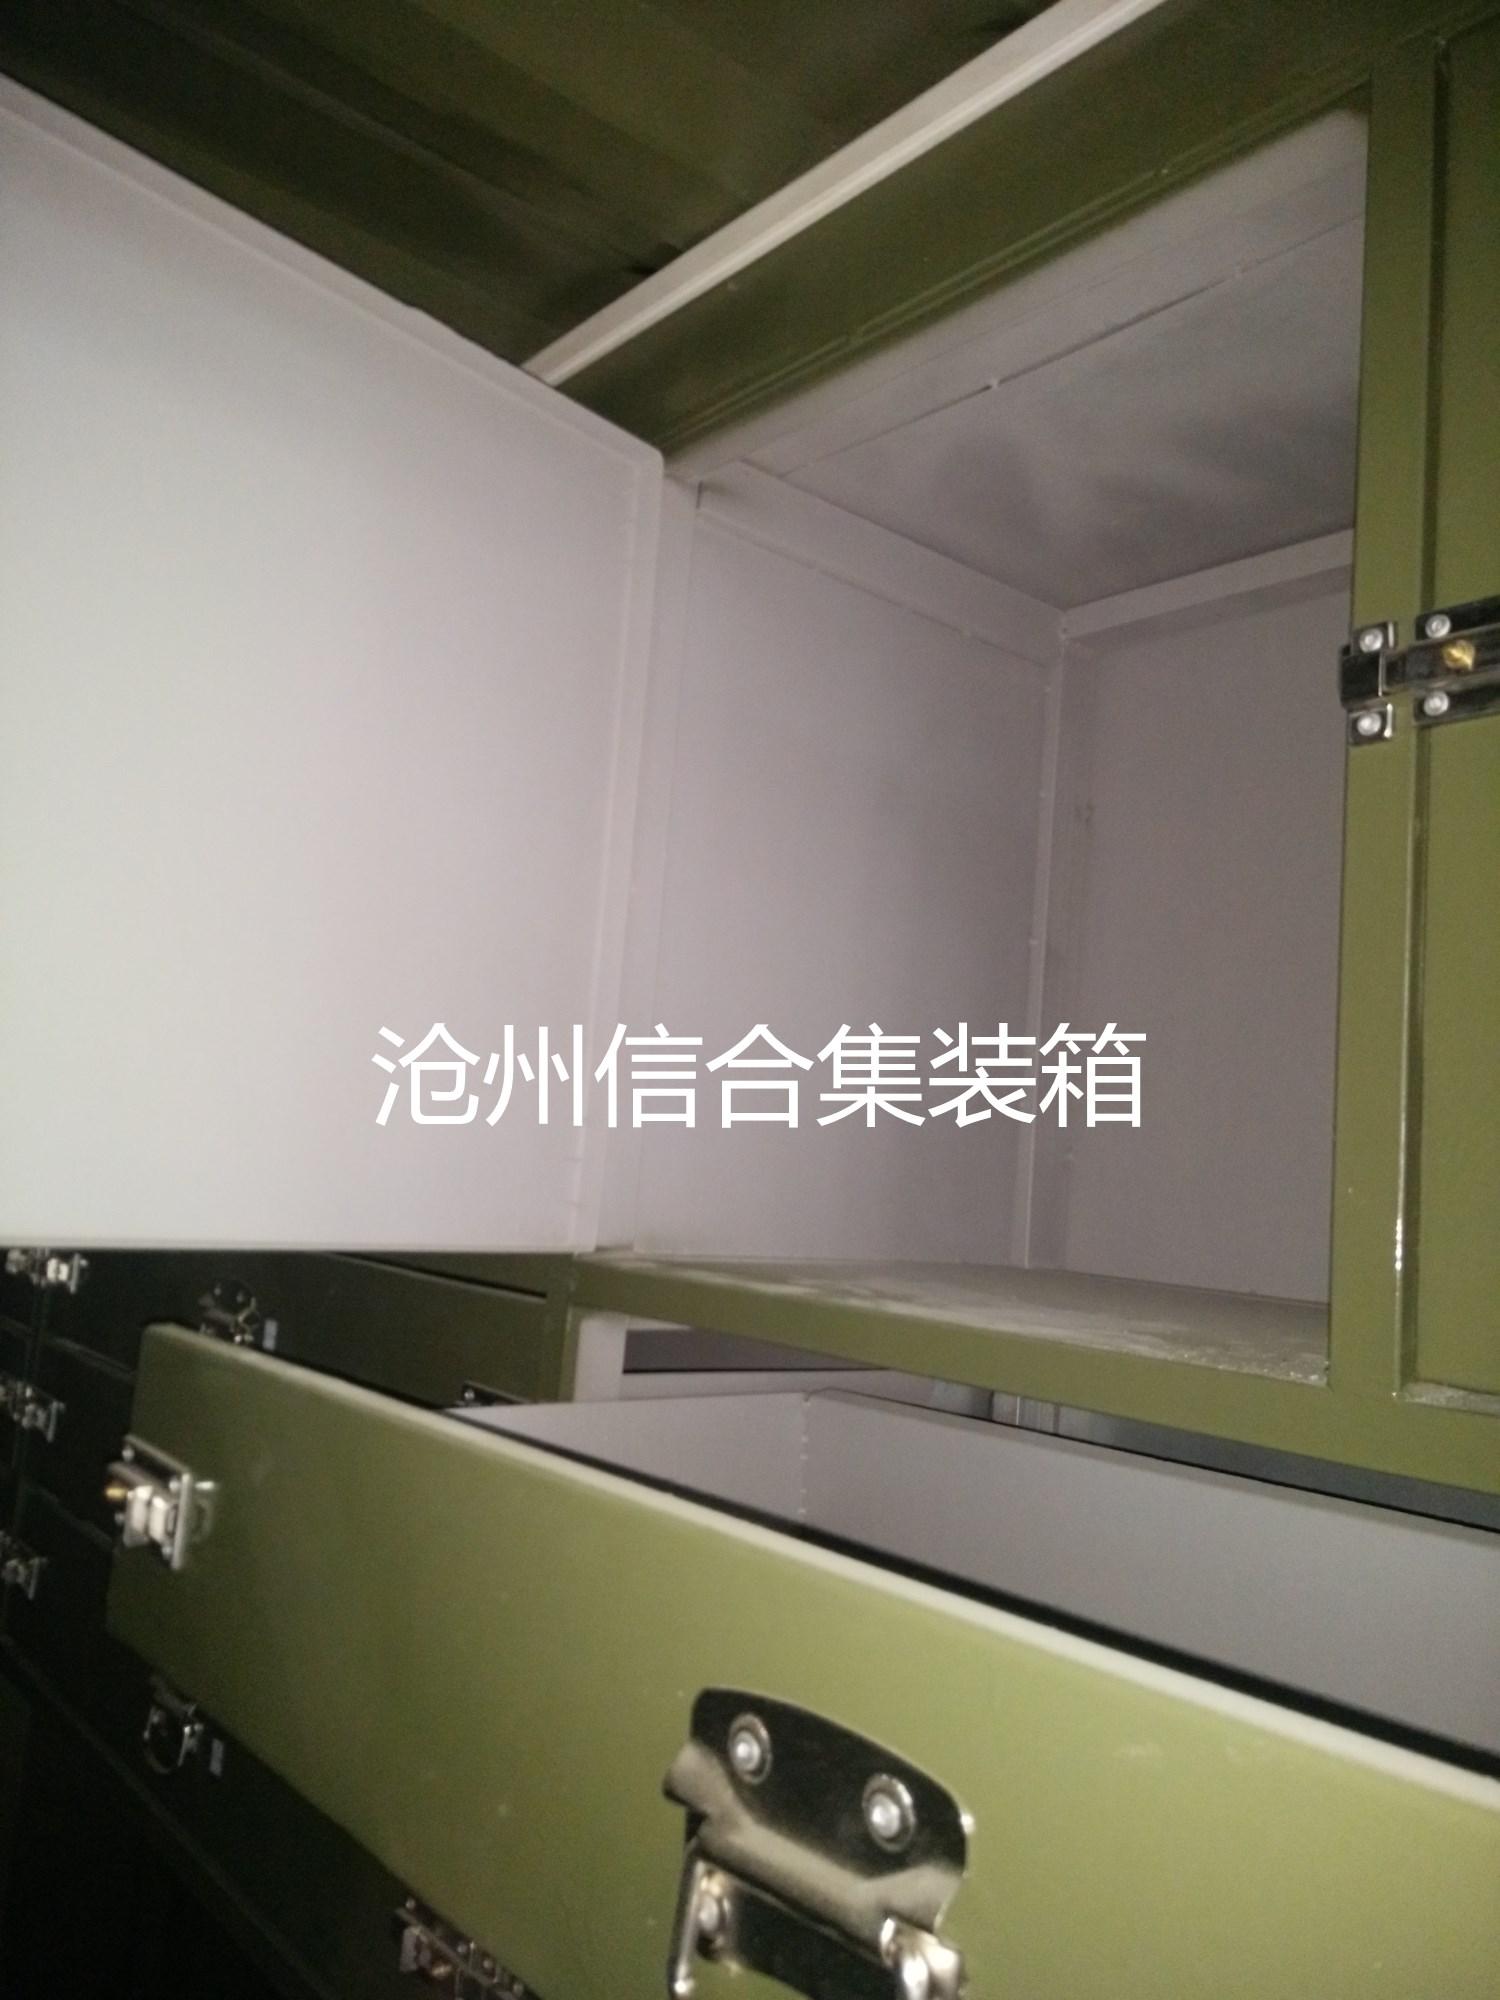 抽屉式集装箱 工具柜式集装箱  特种工具集装箱